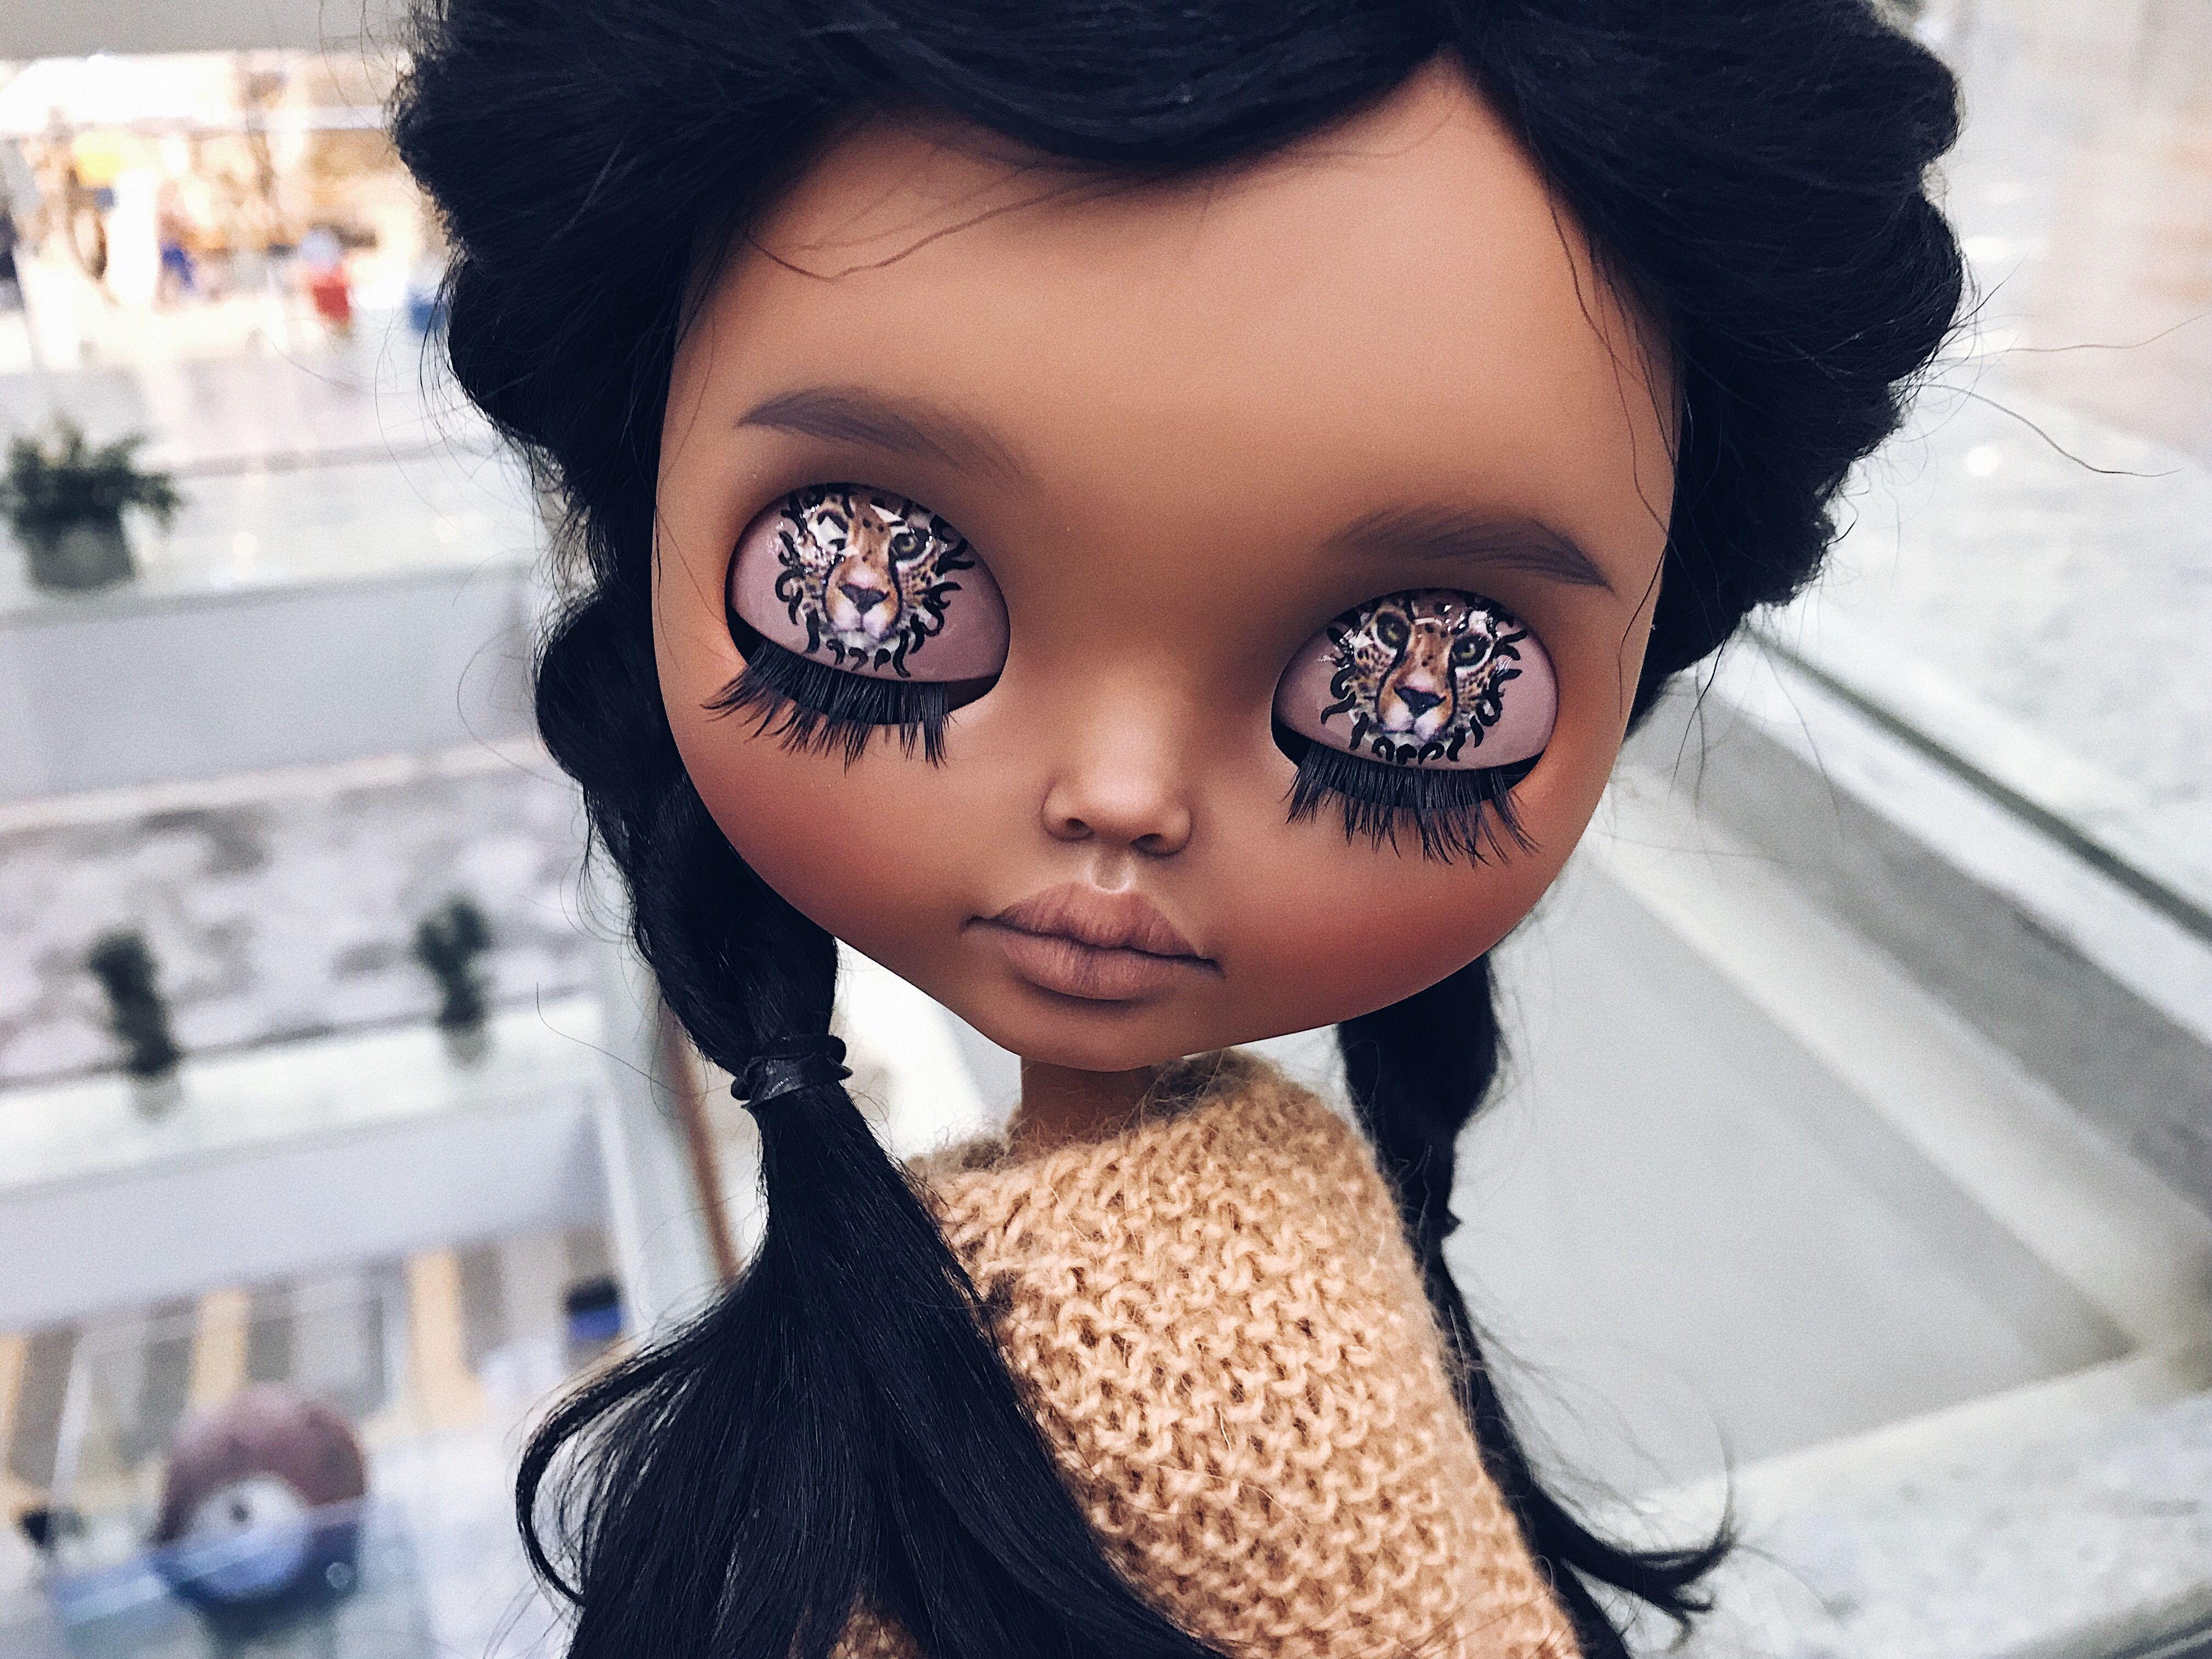 техники переделанные куклы картинки только одно